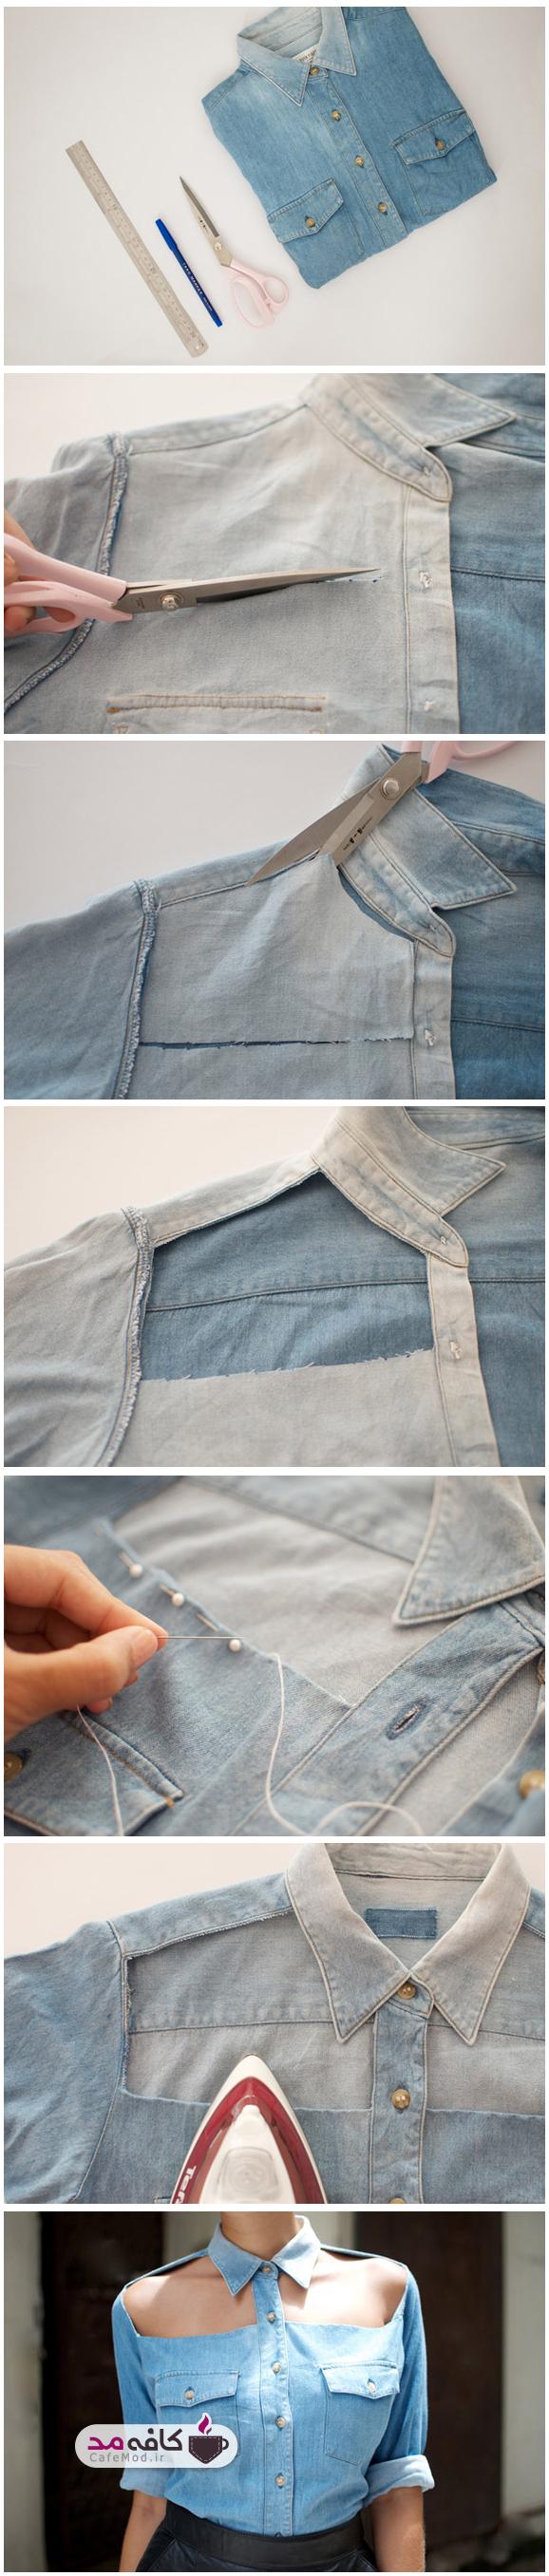 آموزش تغییر ظاهر پیراهن